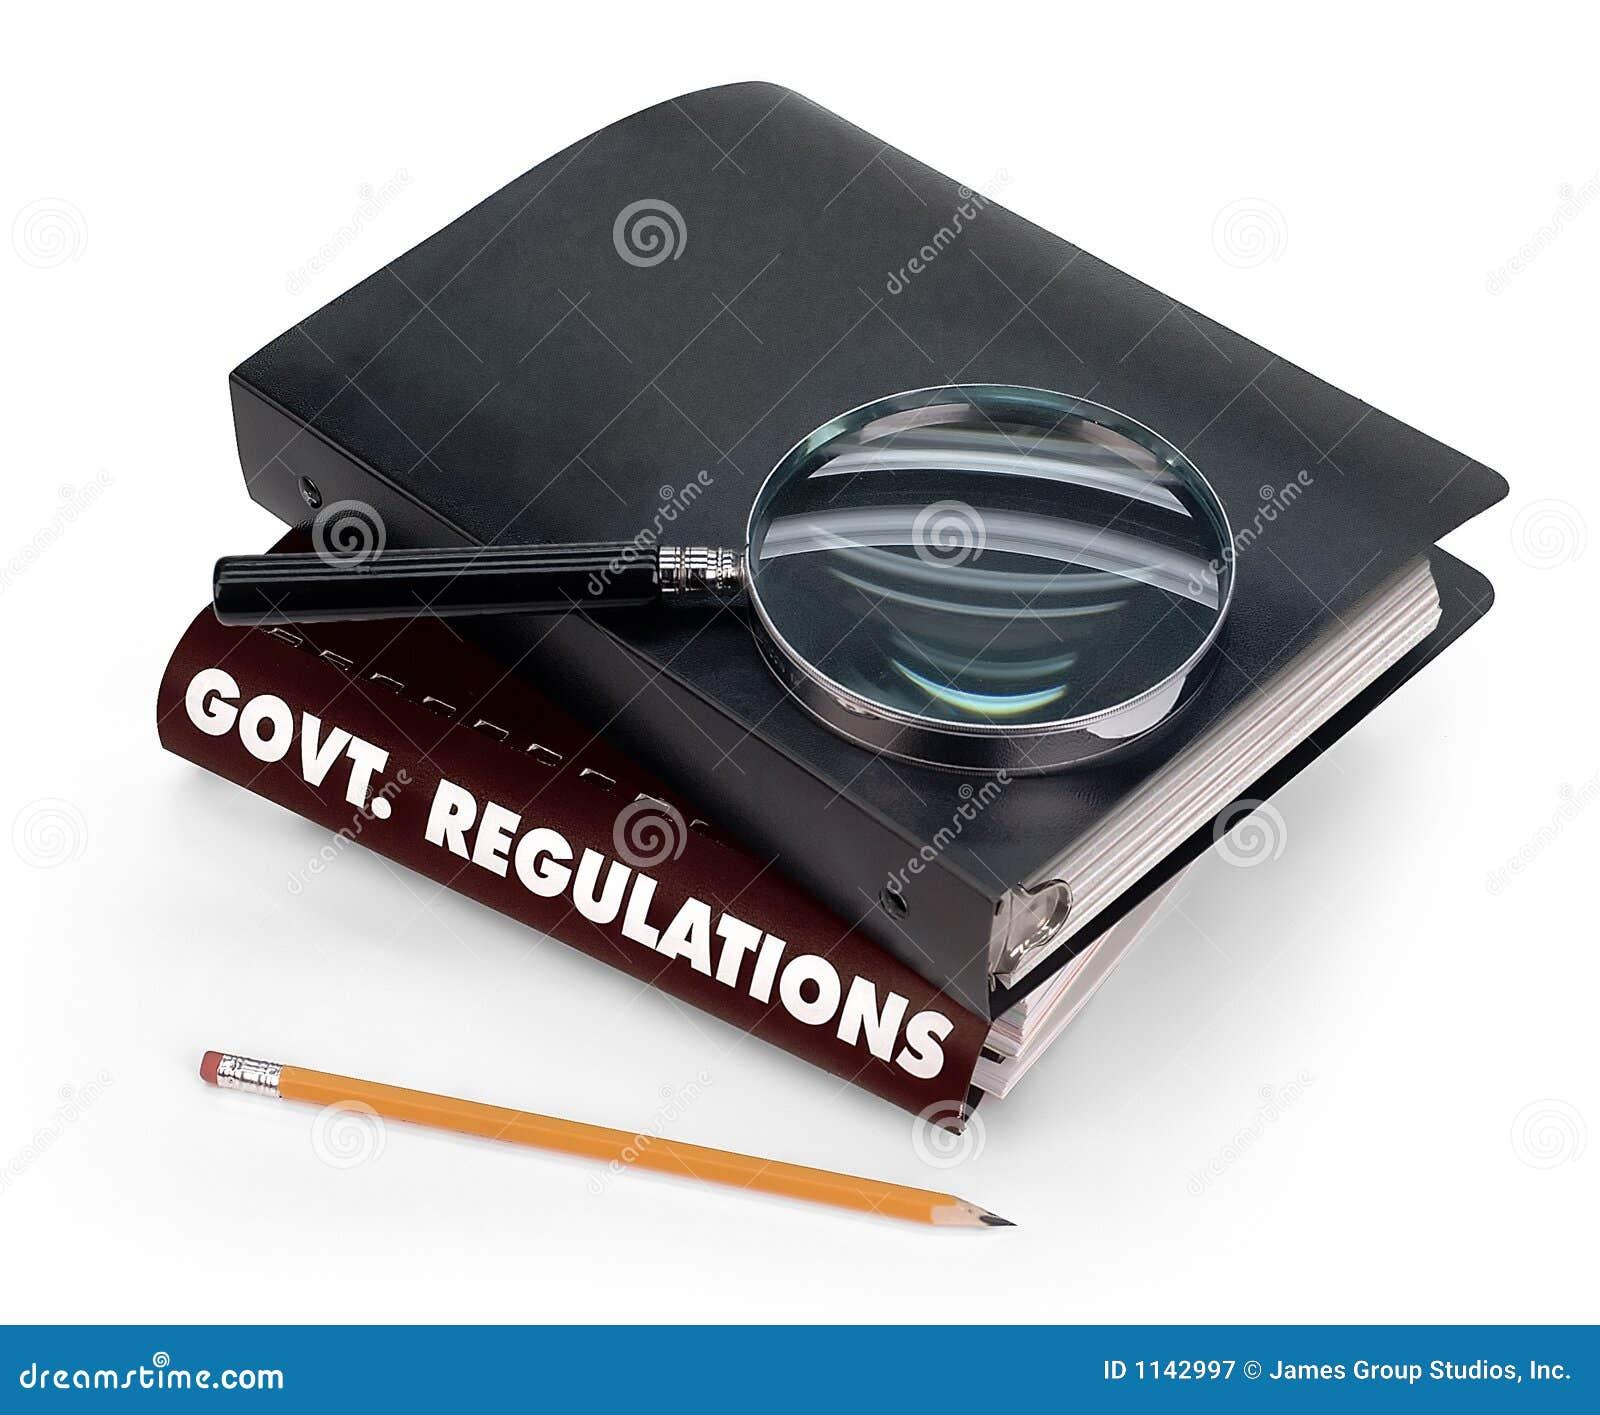 De verordeningen van de overheid